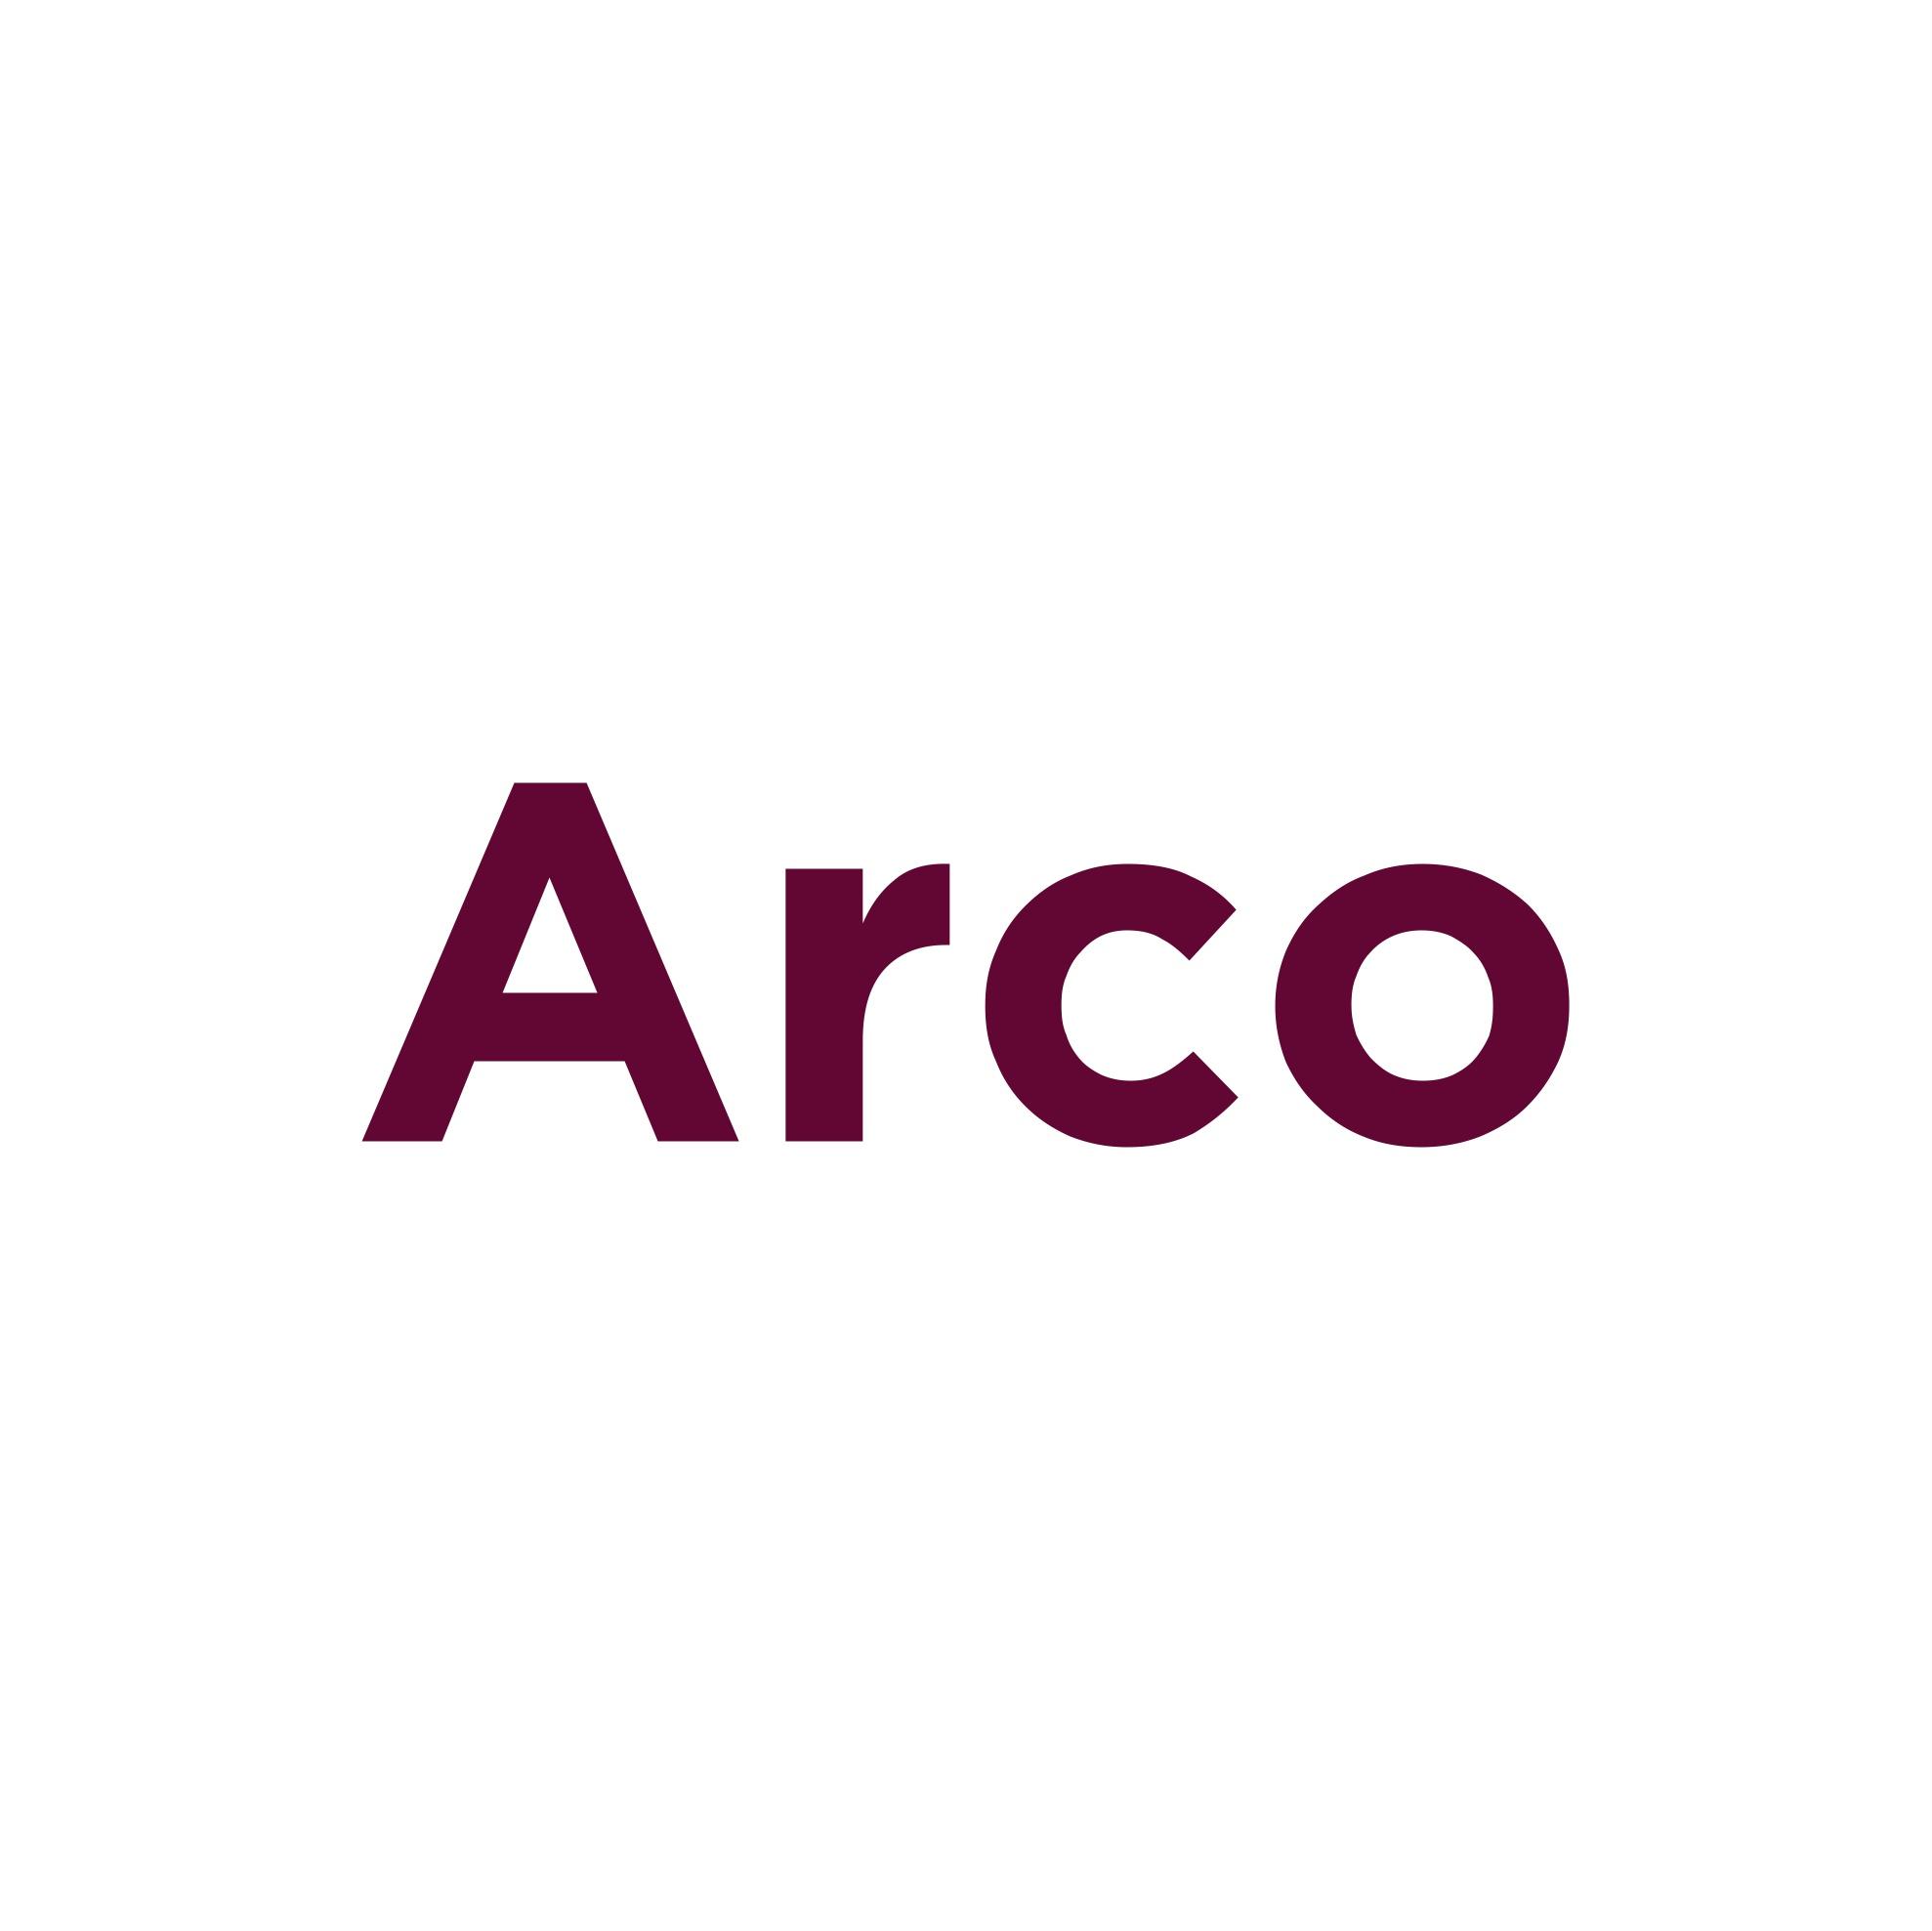 Arco_2